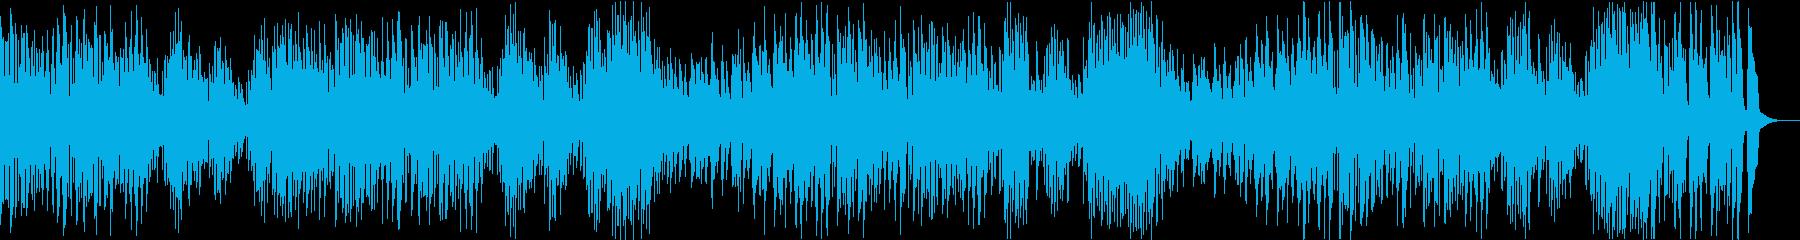 ピアノの練習シーン等に最適なソナチネ風曲の再生済みの波形